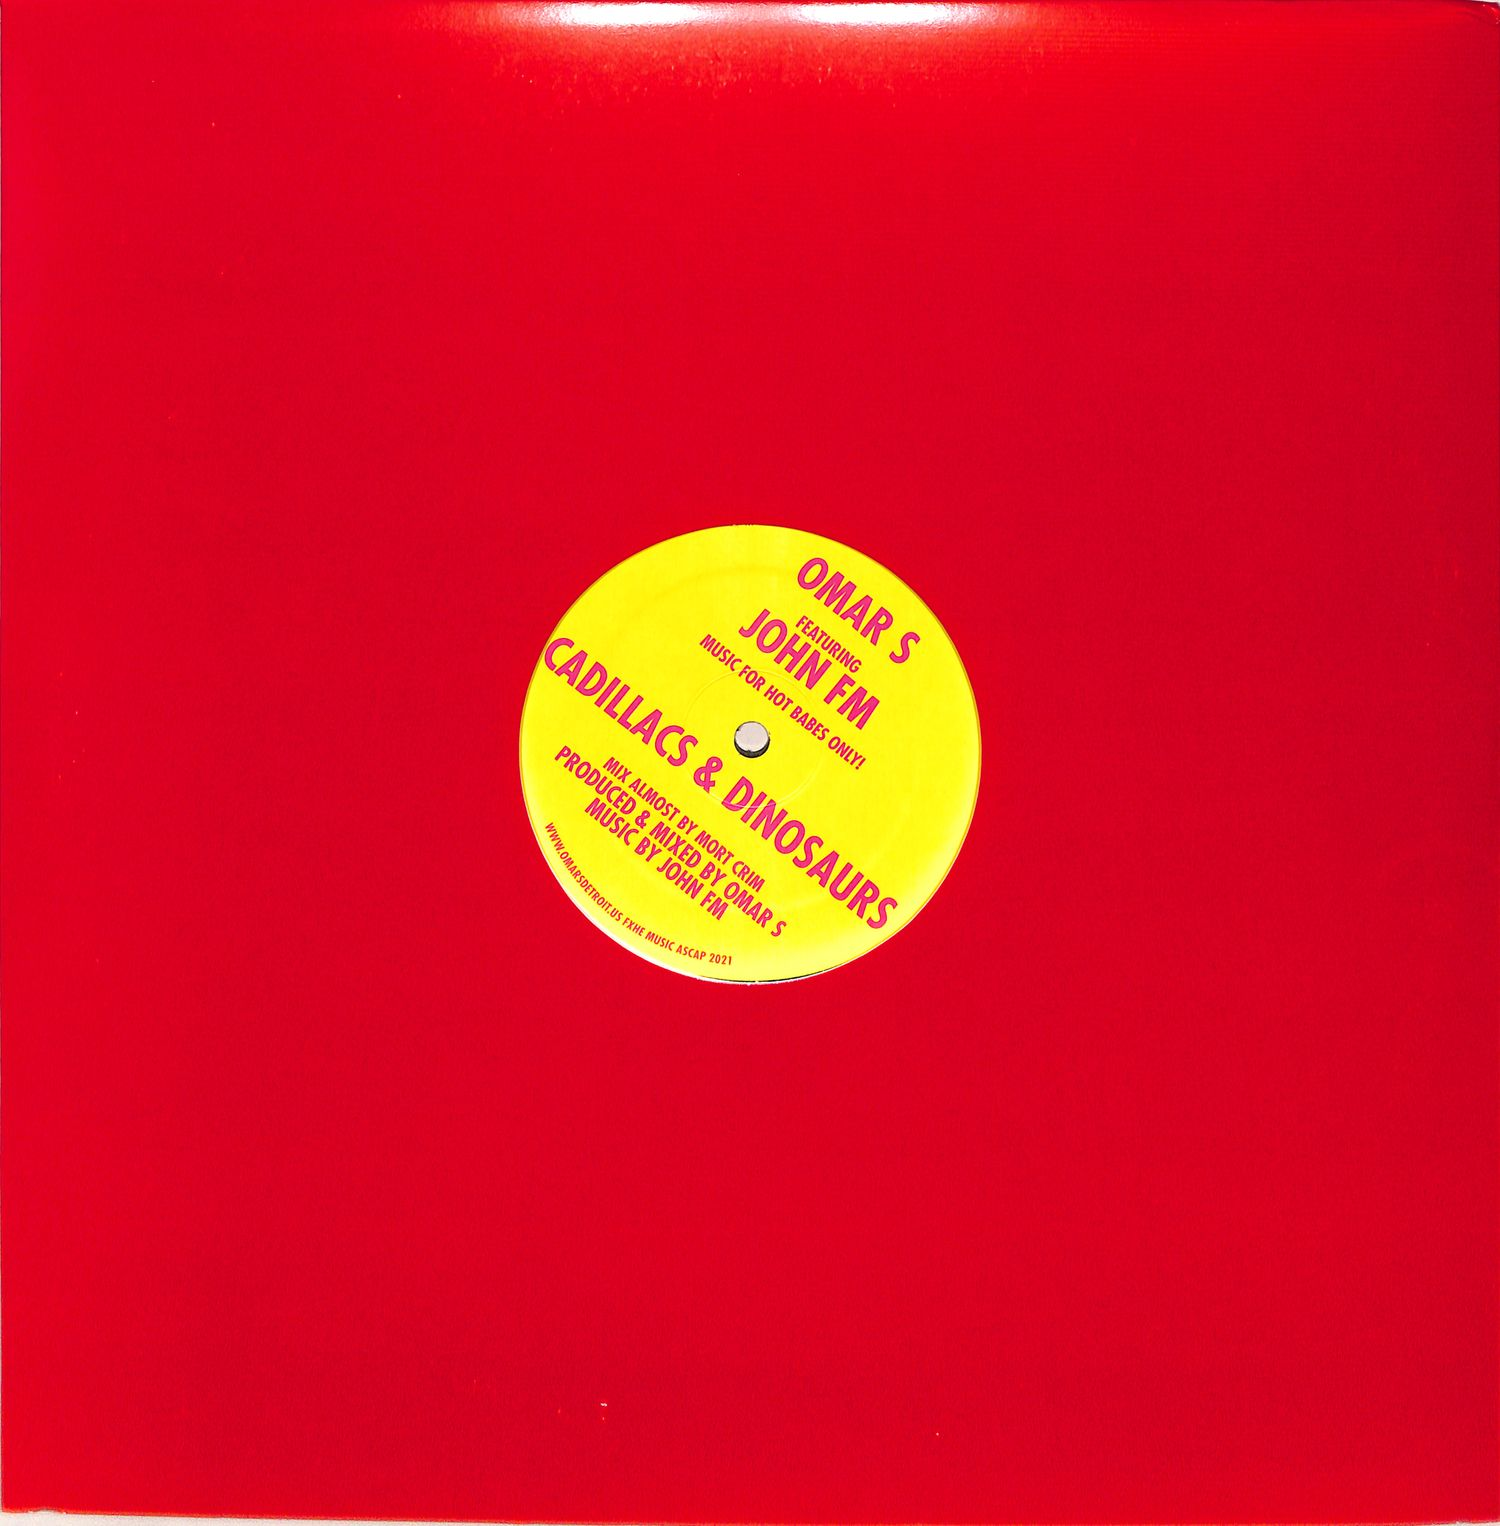 Omar S ft John FM - MUSIC FOR HOT BABES ONLY!